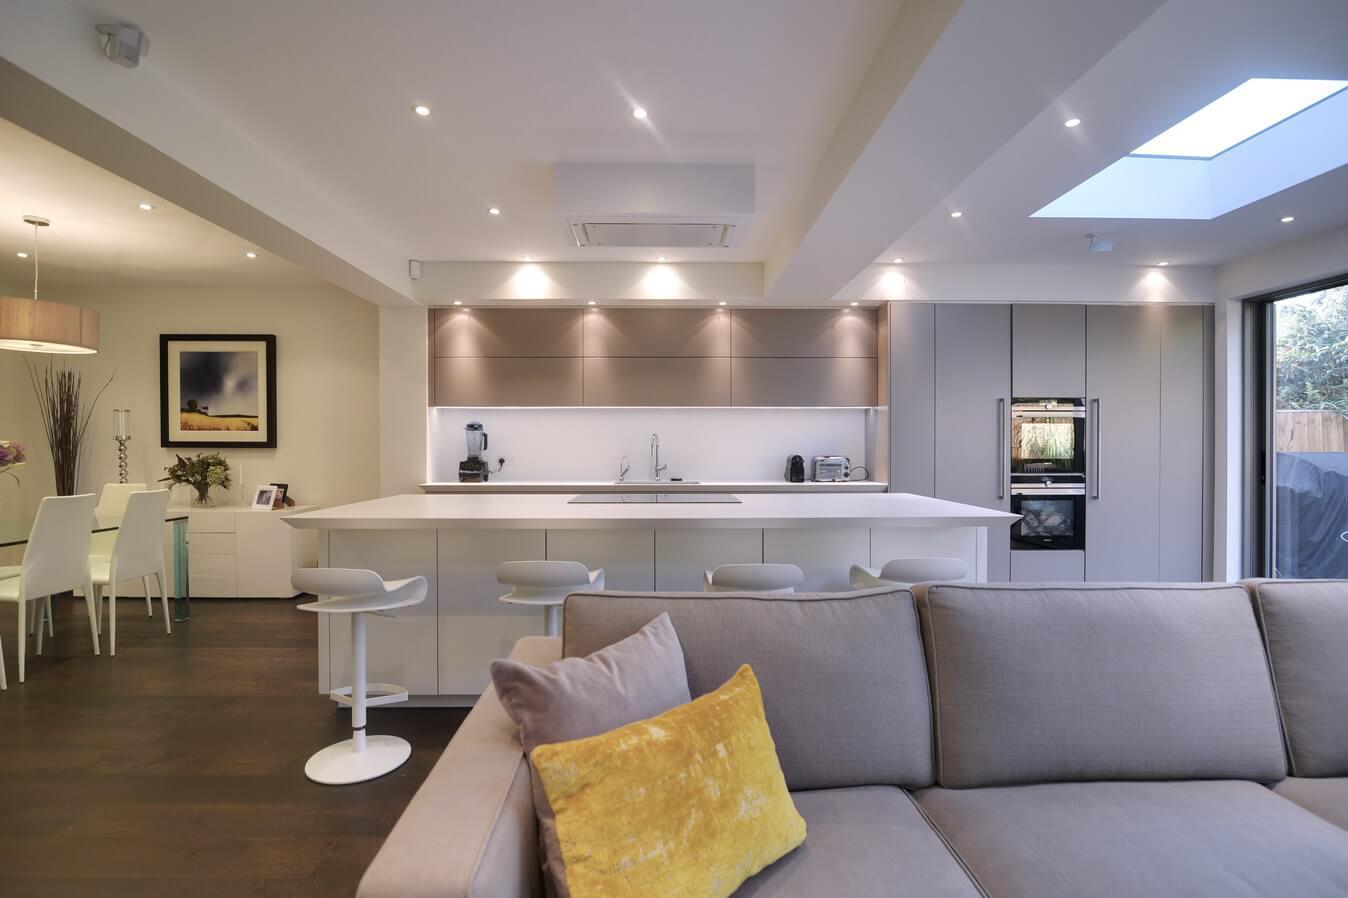 Warendorf-London-Wide-View-Grey-Kitchen.jpg